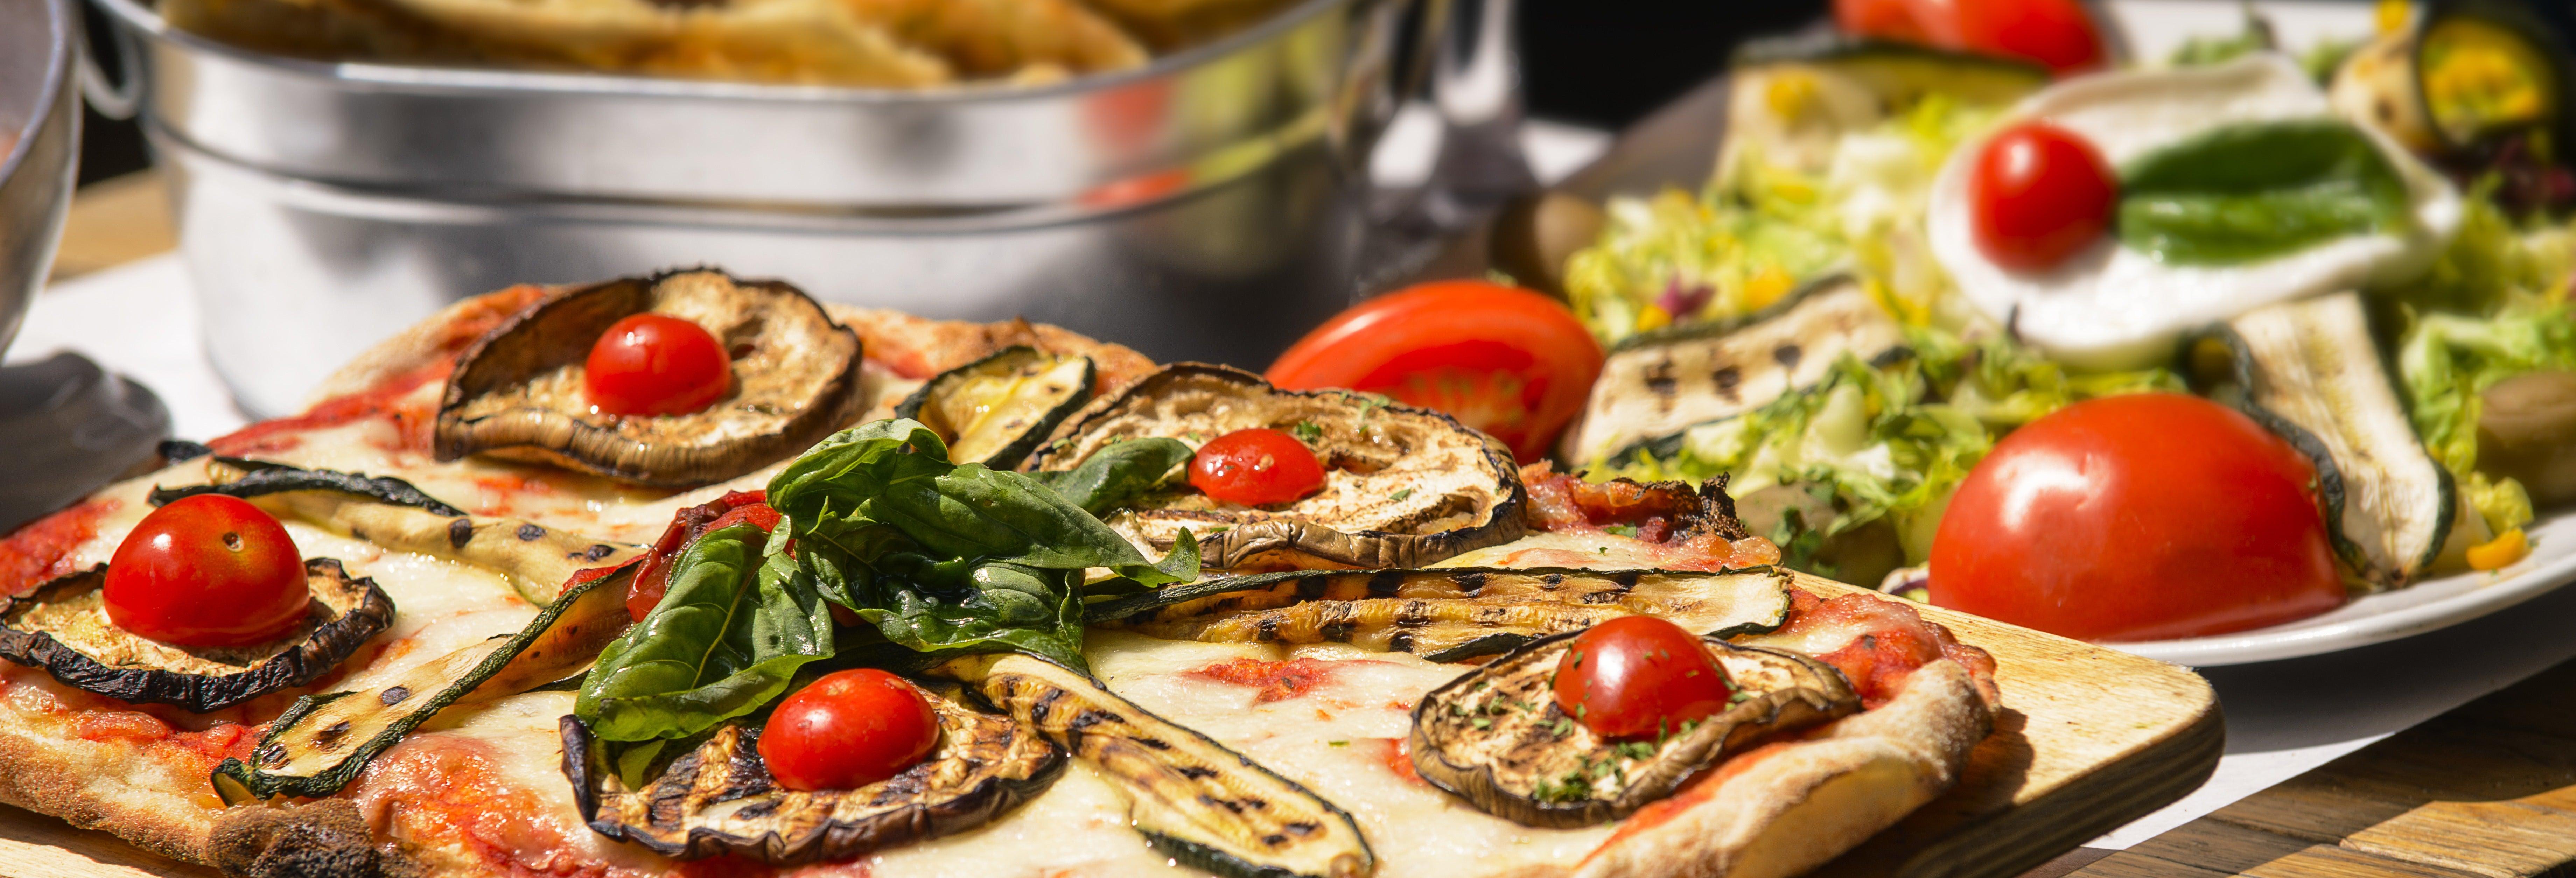 Tour gastronómico por el barrio del Trastevere